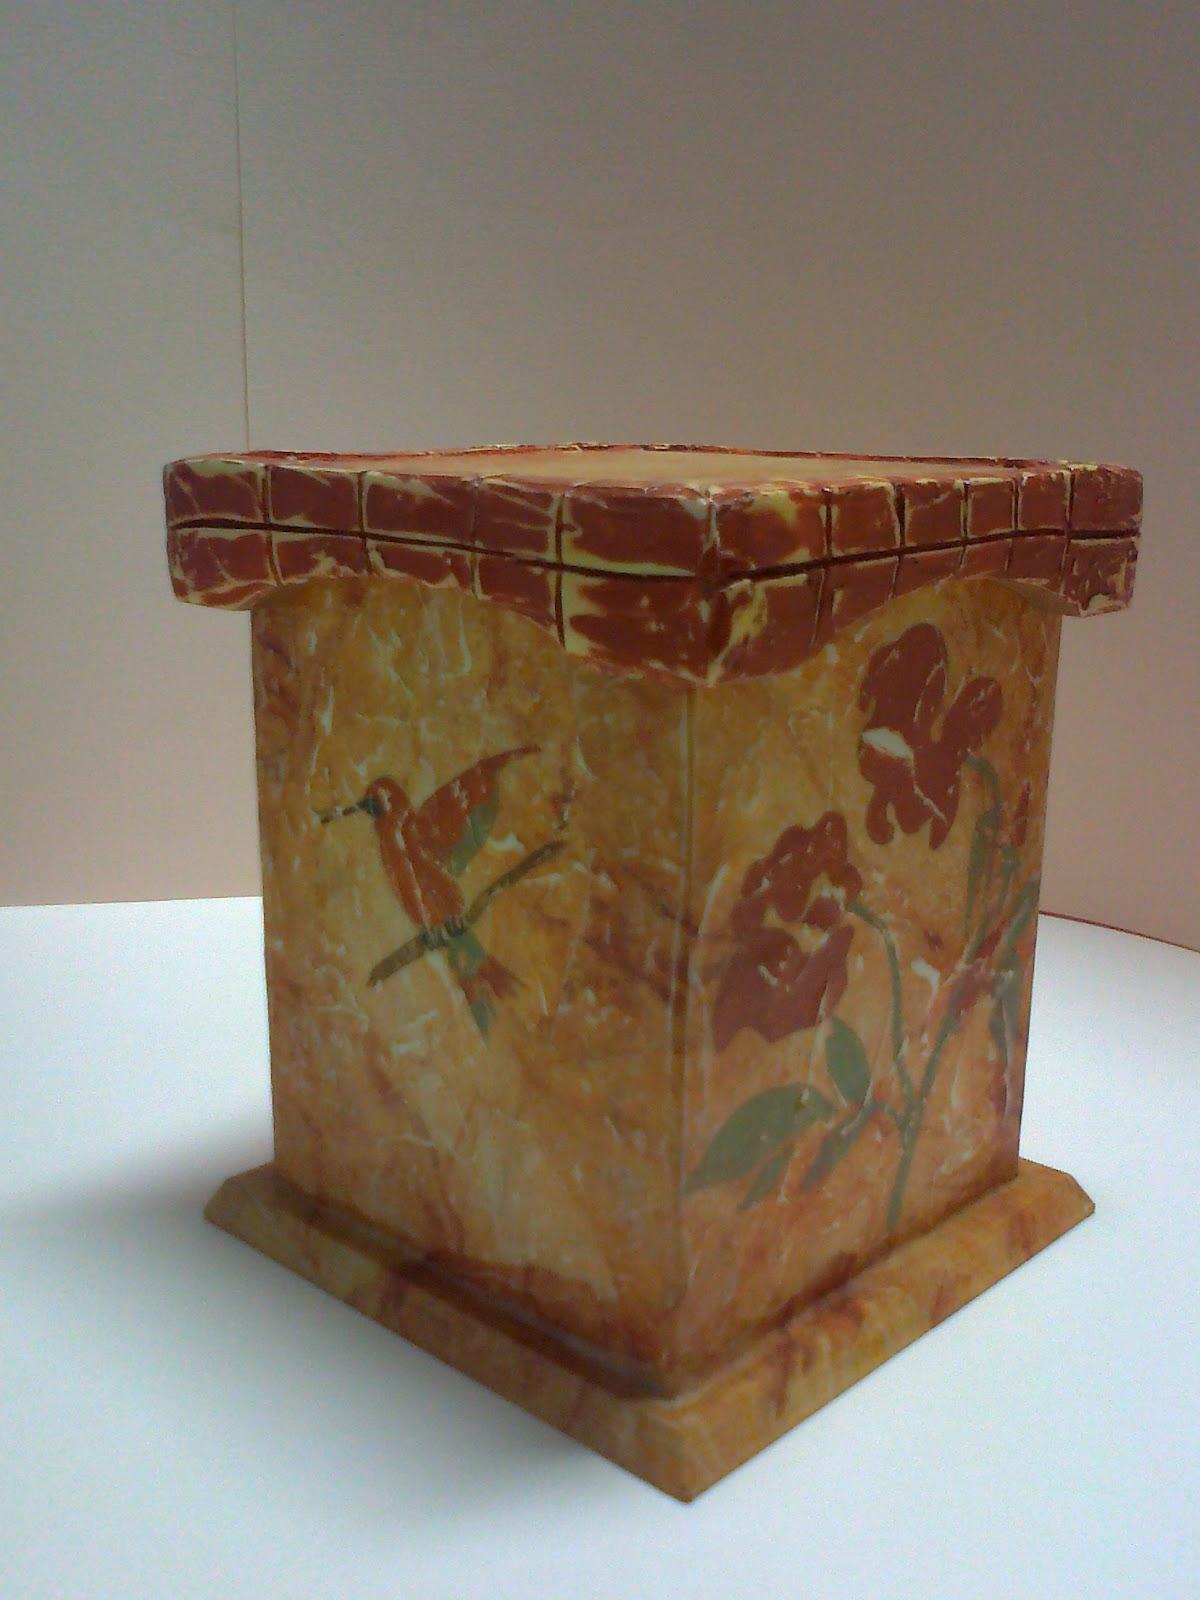 Manualidades gavimar caja madera - Caja madera manualidades ...